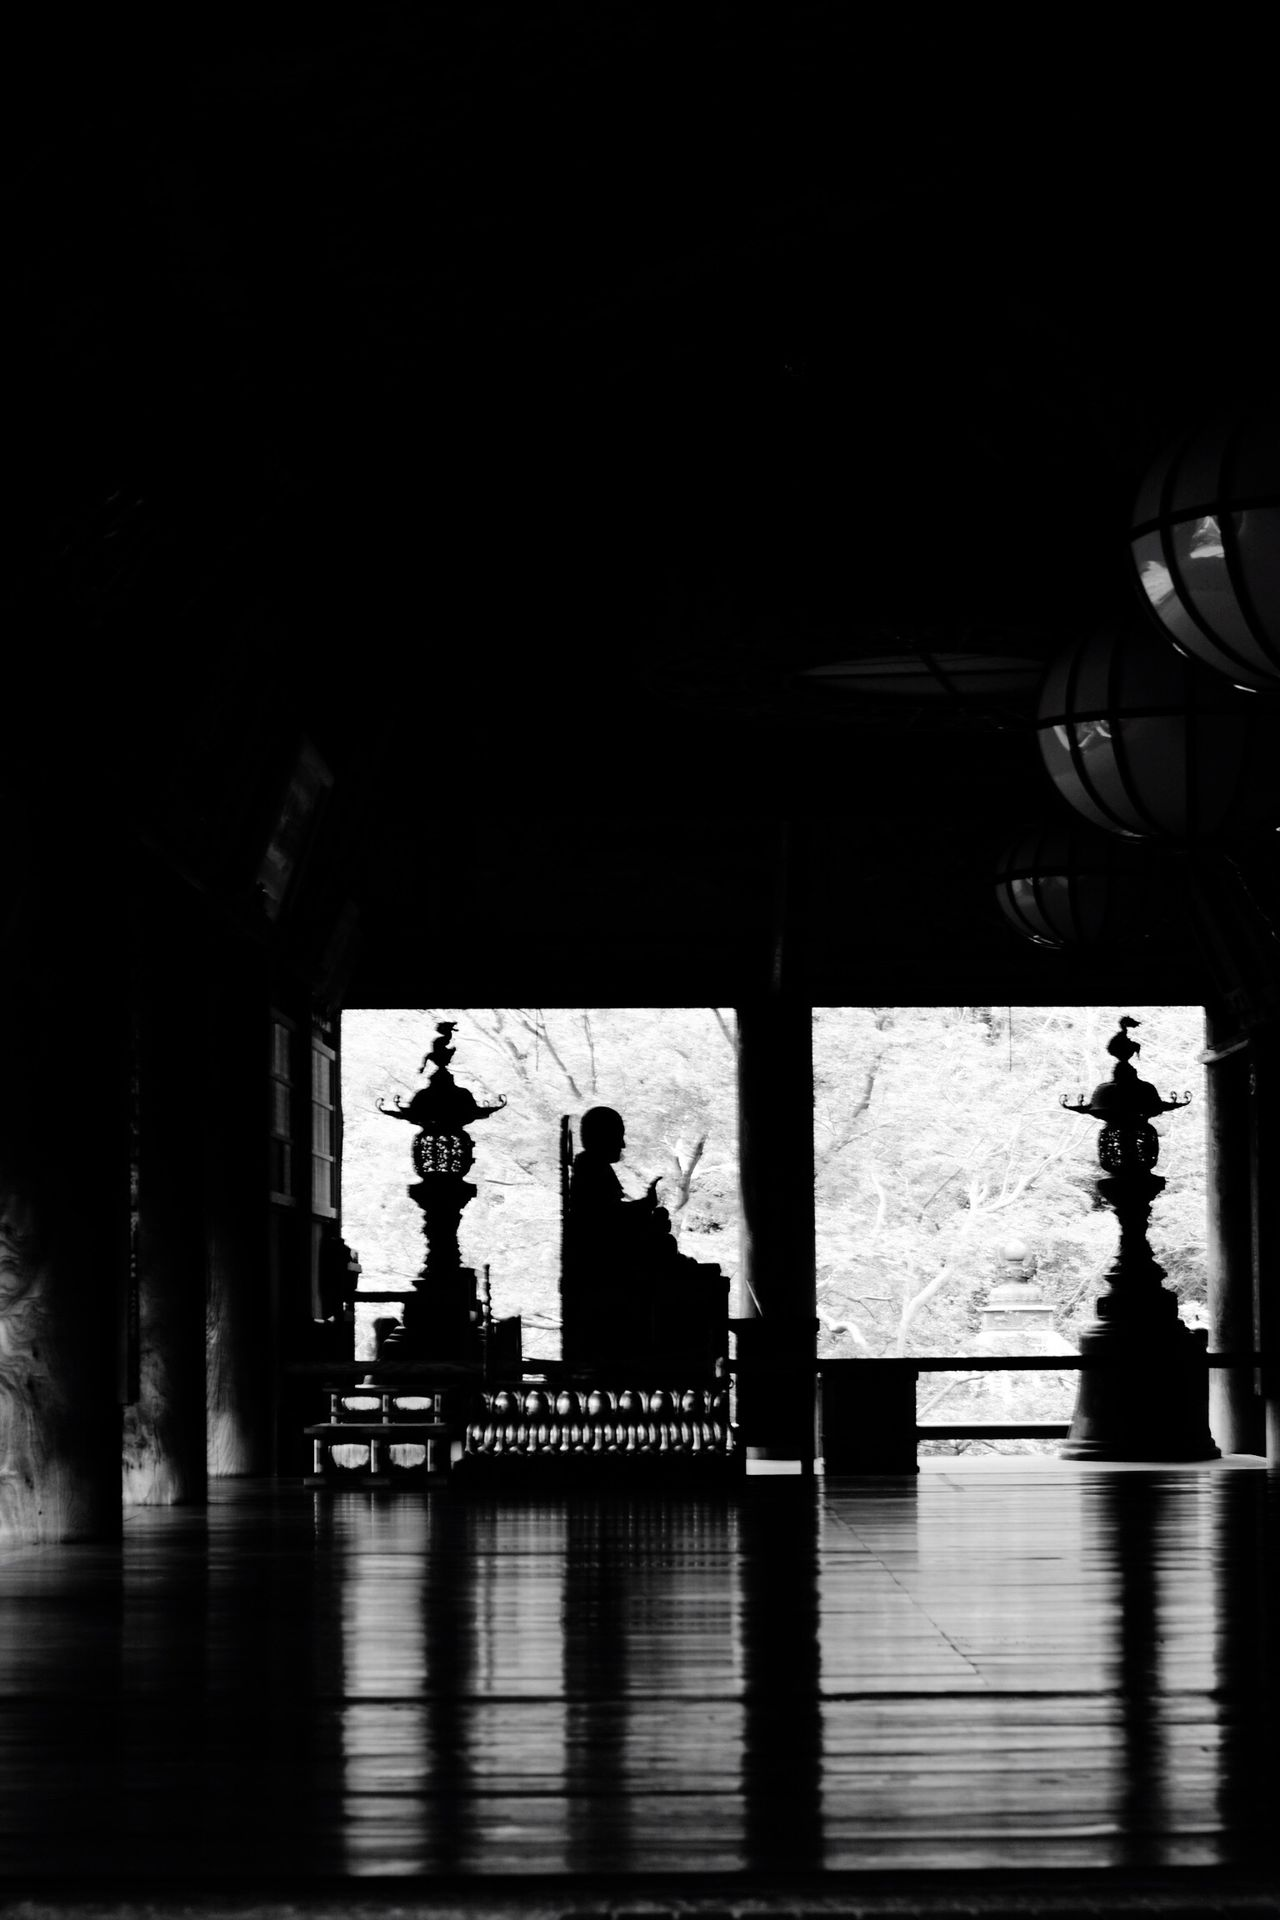 遠いところへ行った友達に Blackandwhite Black And White Hasedera 長谷寺 EyeEm Gallery BW Collection Black & White Monochrome Bw_collection Pentax Pentaxk7 Nara,Japan Carl Zeiss Autumn Planar50/1.4 TENPLES